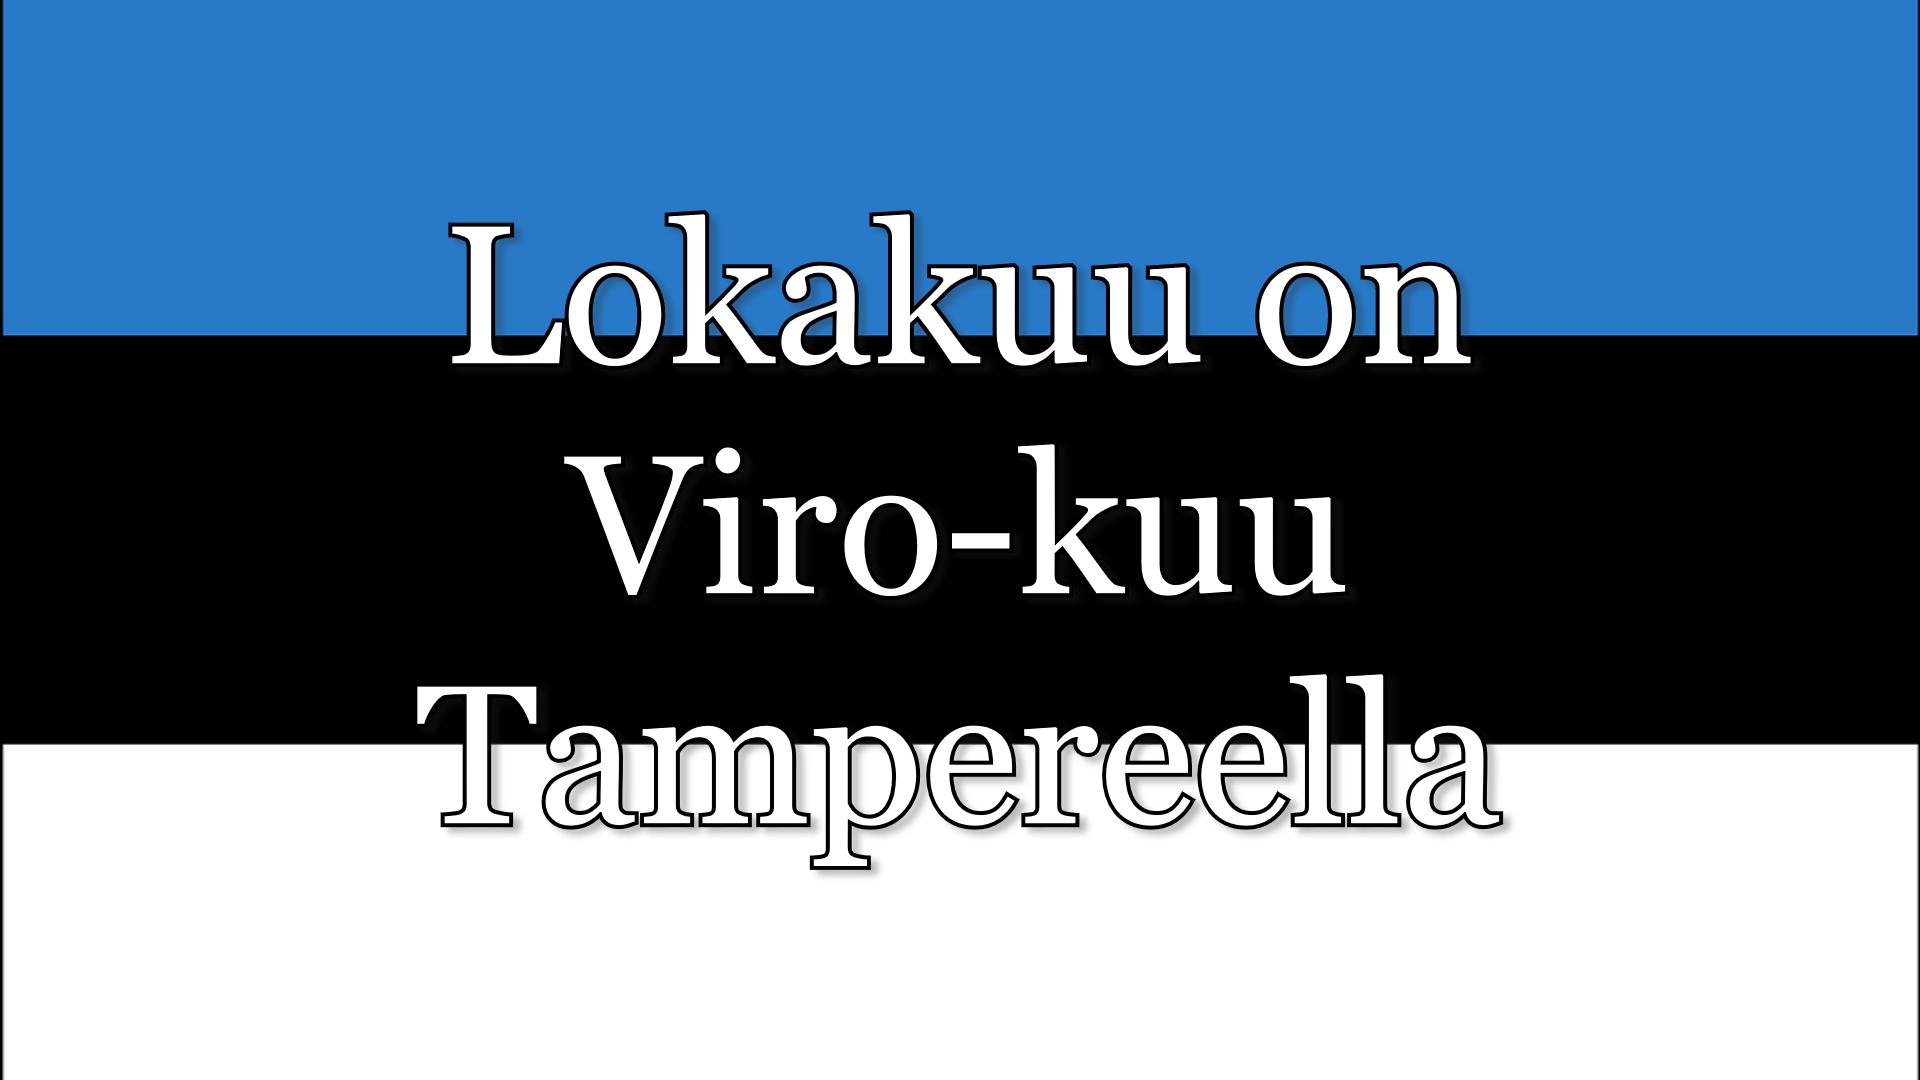 Lokakuu on Viro-kuu Tampereella: Yhteislaulutilaisuus Virolle ja Suomelle yhteisten laulujen parissa. Mikko Alatalo ja Jammi Humalamäki